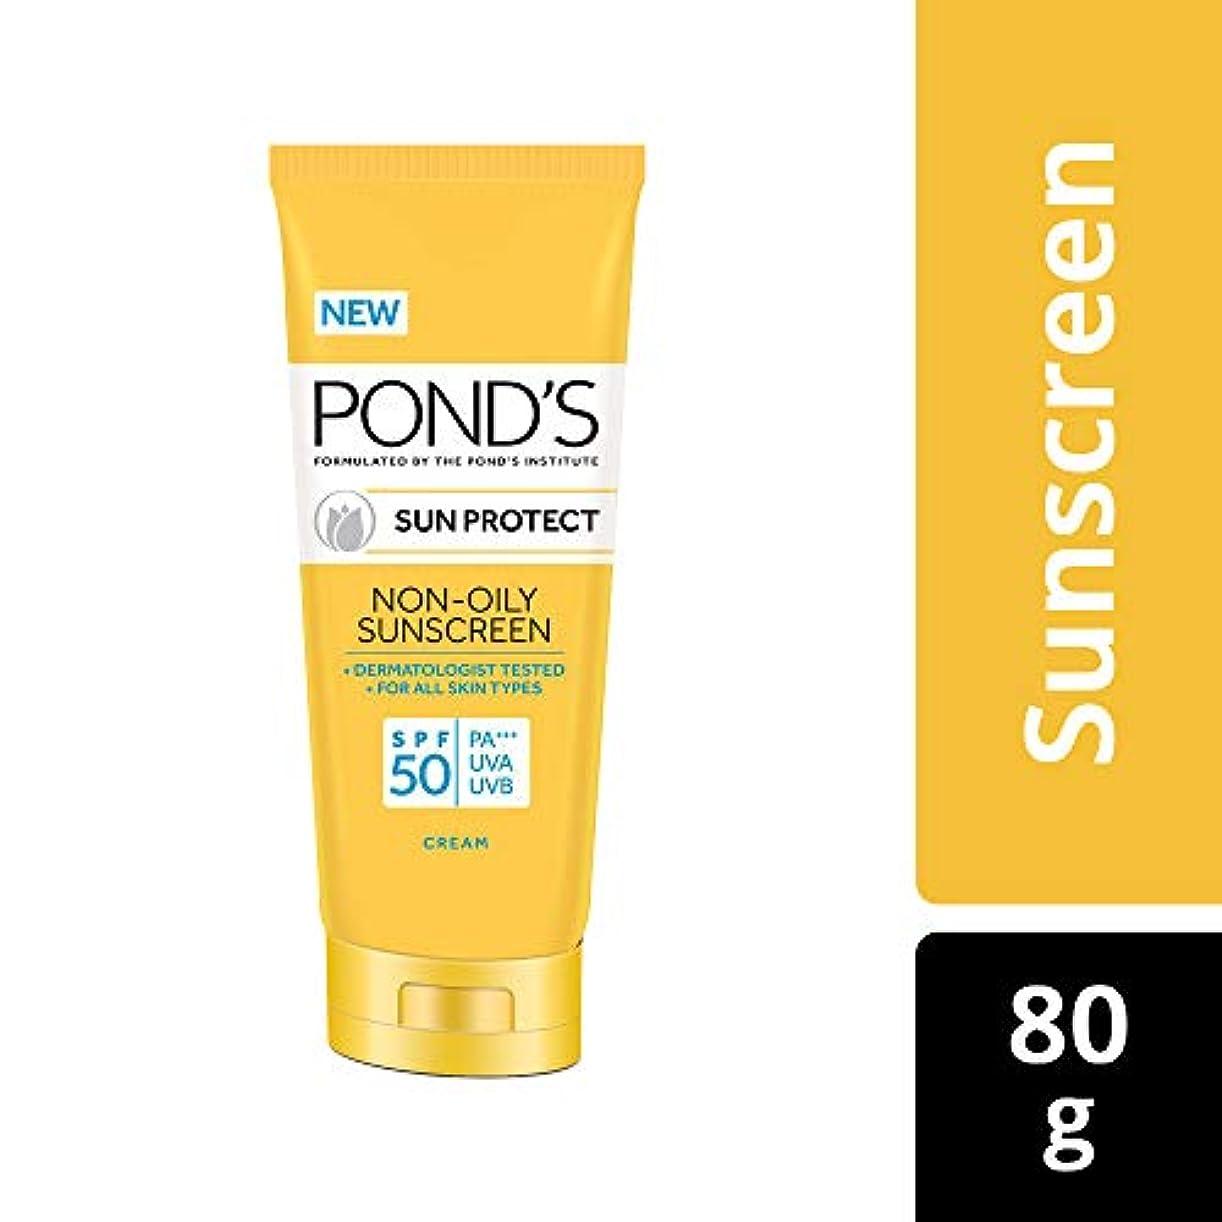 目に見える考えたケープPOND'S SPF 50 Sun Protect Non-Oily Sunscreen, 80 g